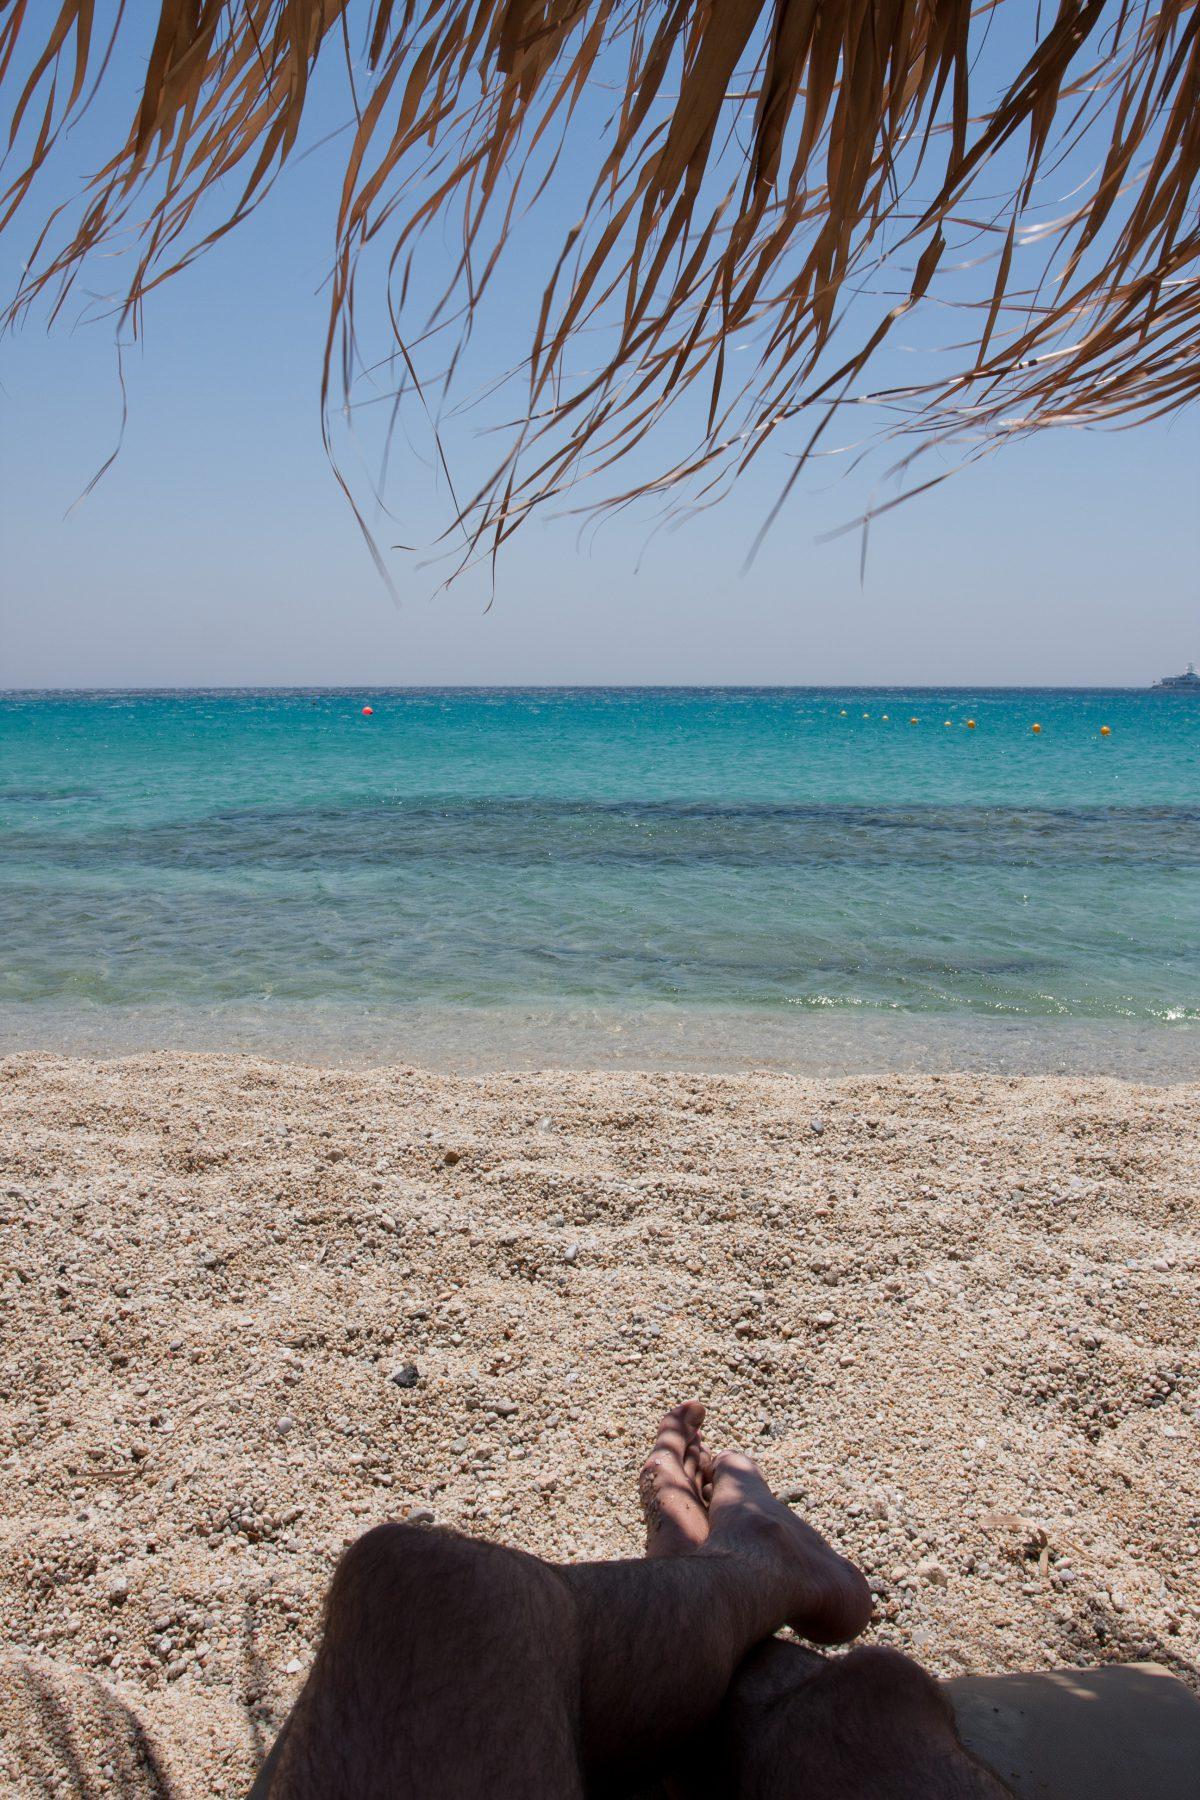 Summer times, sea, beach